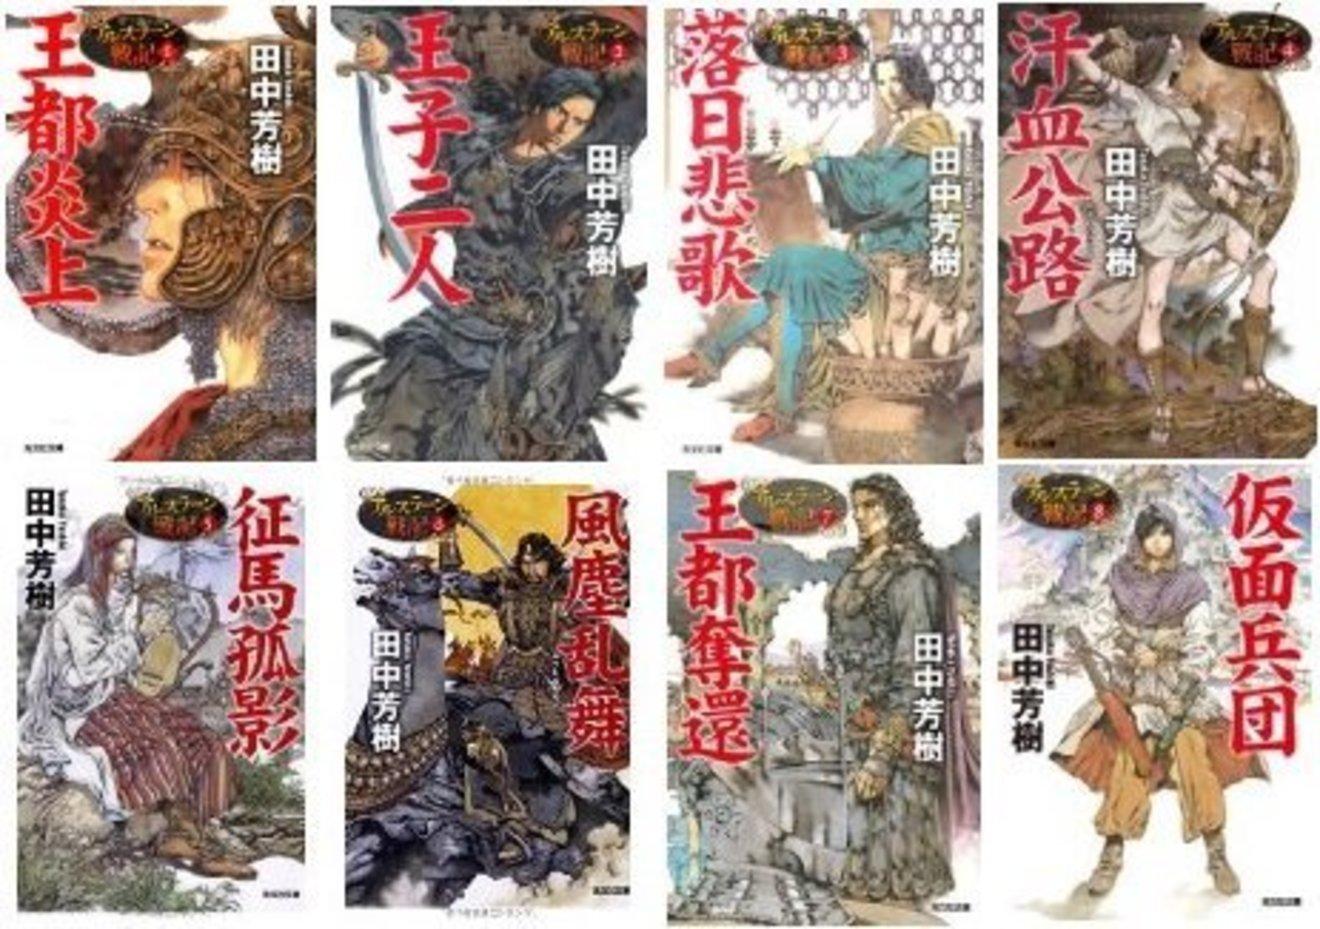 小説『アルスラーン戦記』の魅力を全巻ネタバレ紹介!